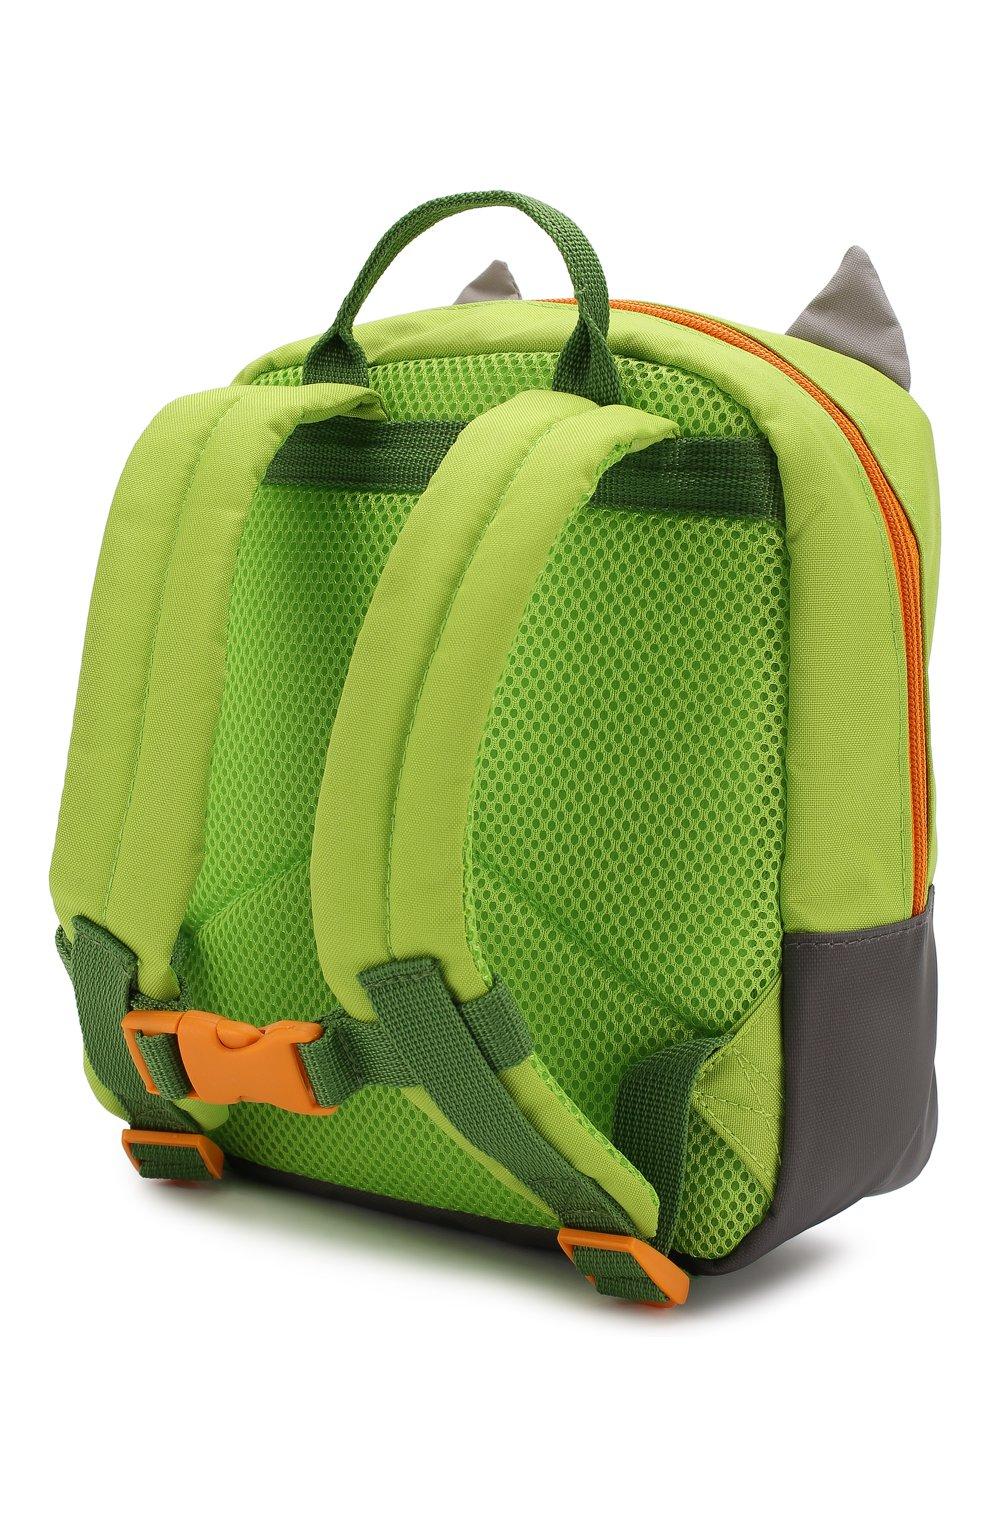 Детская рюкзак енот SIGIKID разноцветного цвета, арт. 24976 | Фото 2